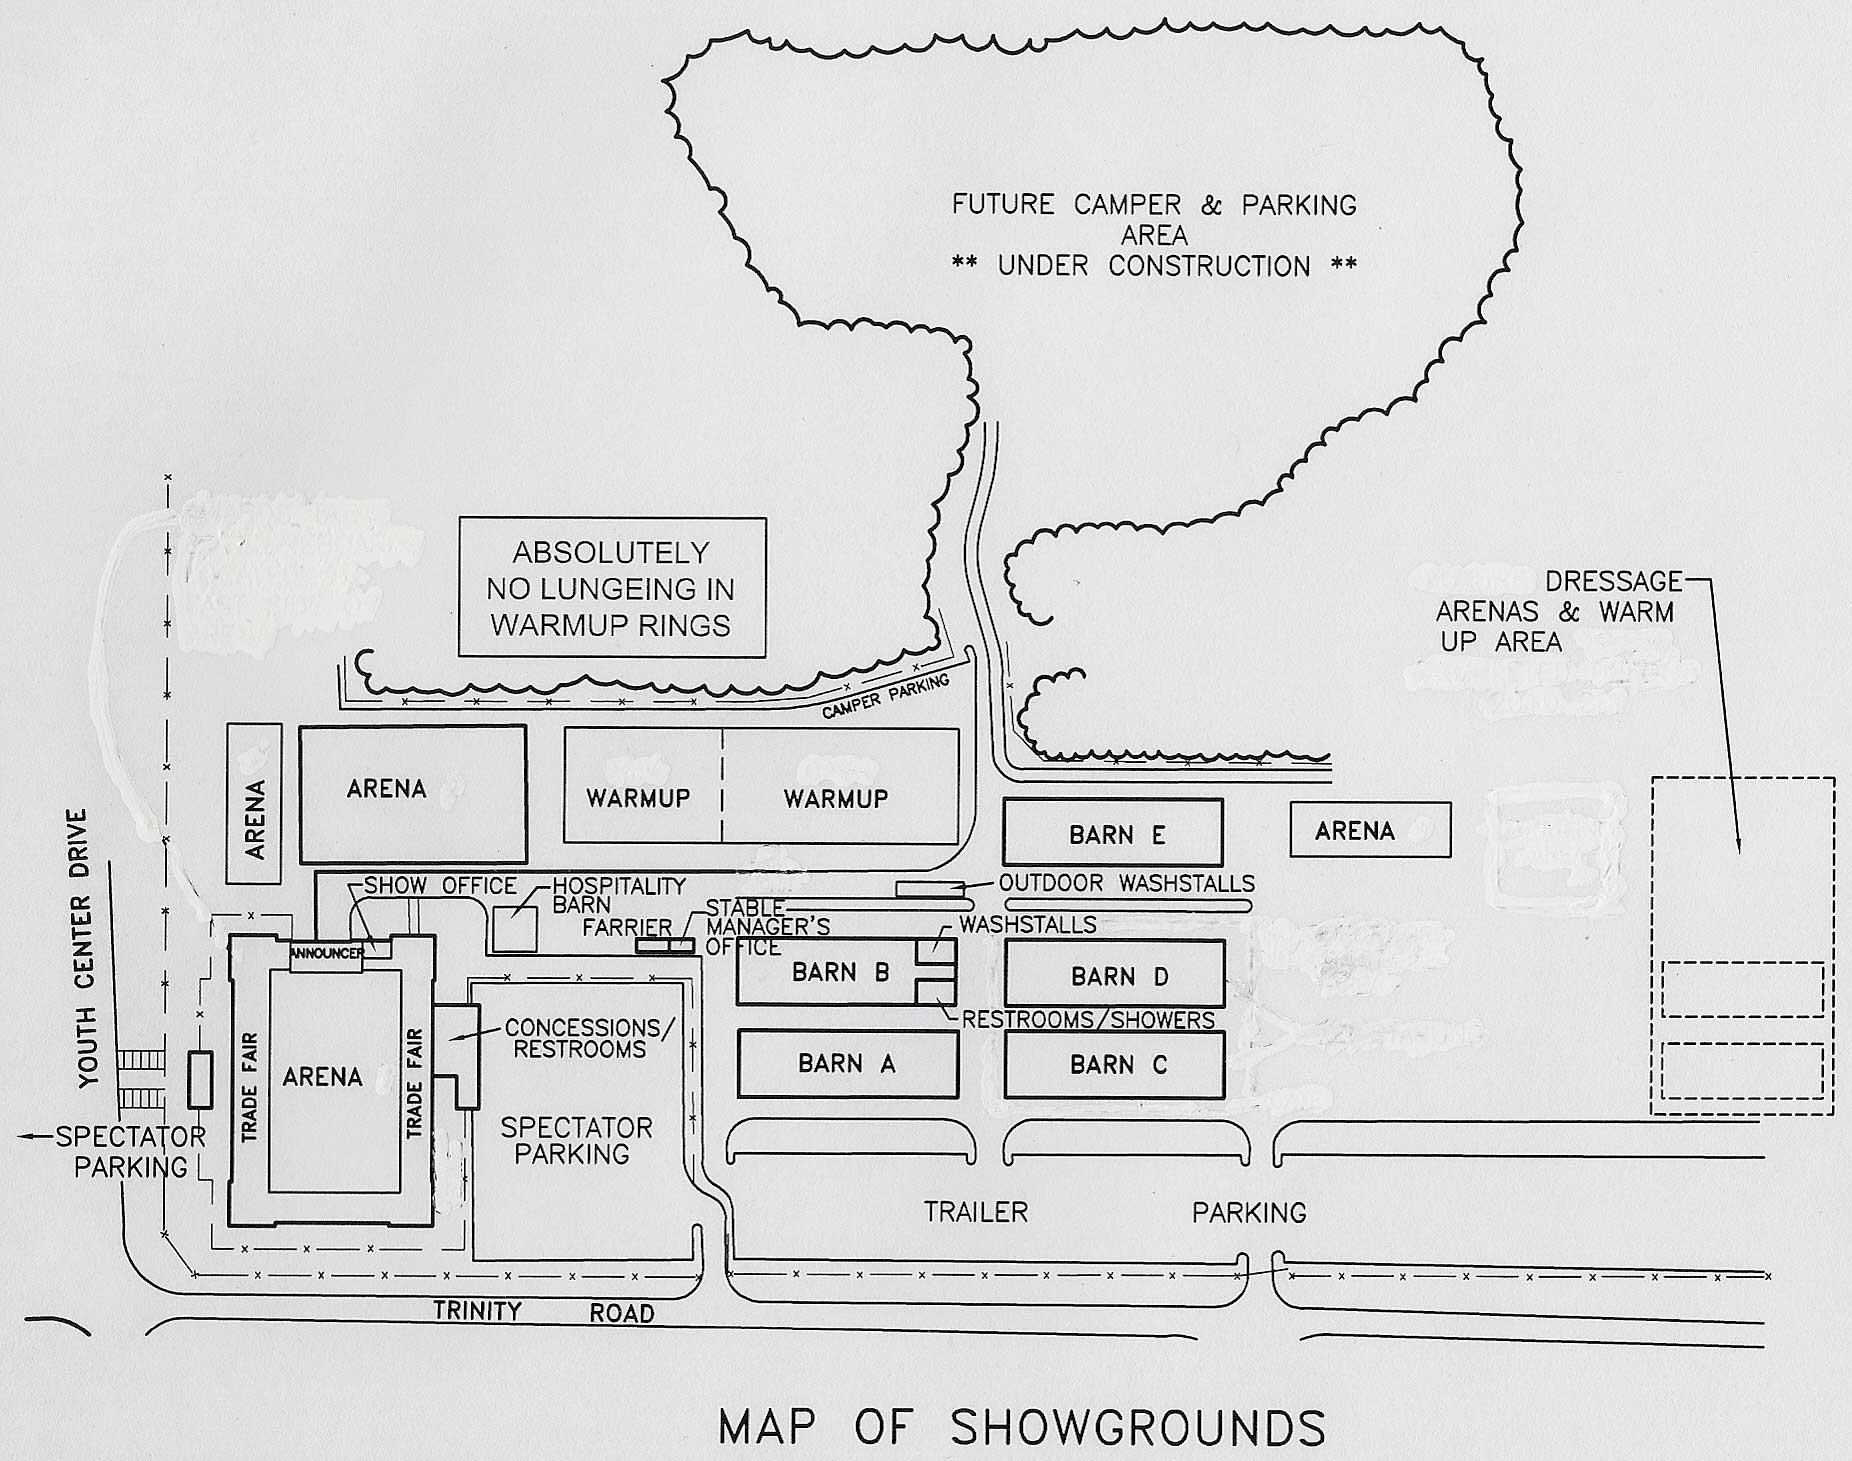 rosinburg events facilities